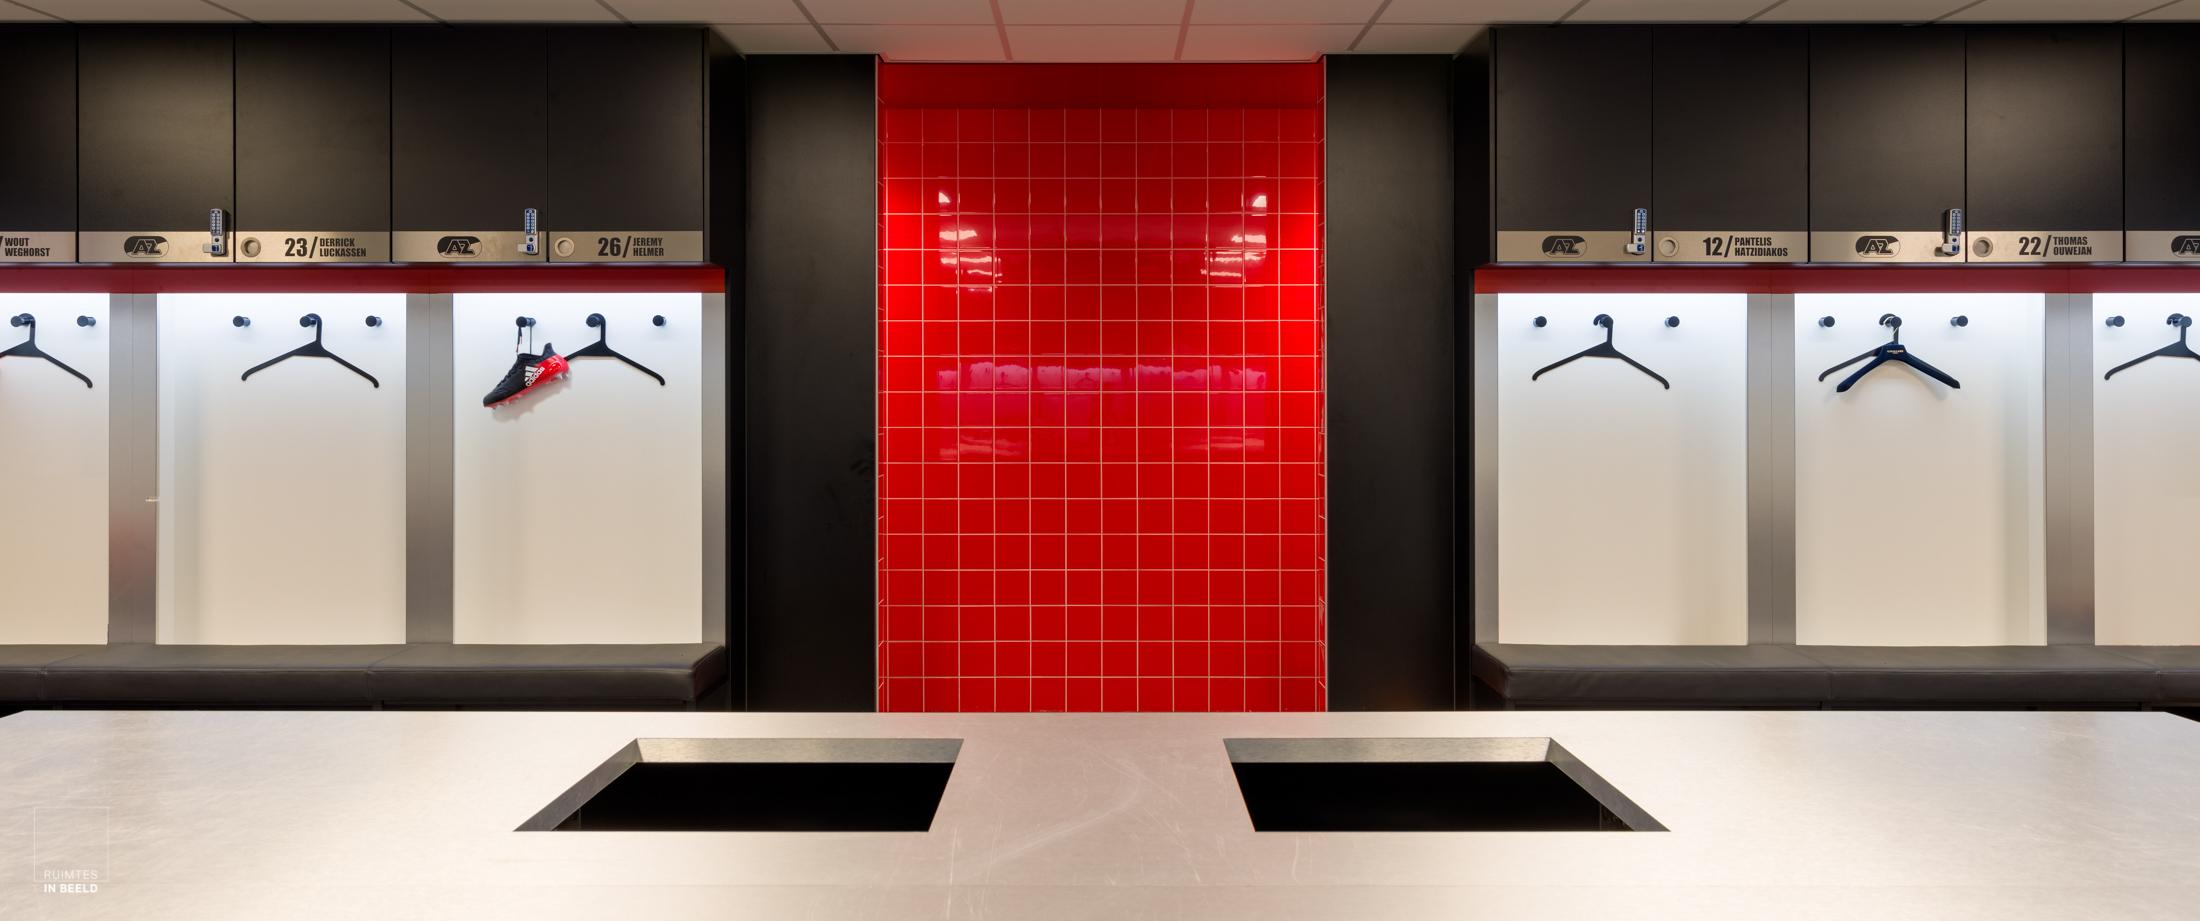 Architectuur van sportcomplexen is een specialisatie die fraai kan worden vastgelegd door een architectuurfotograaf